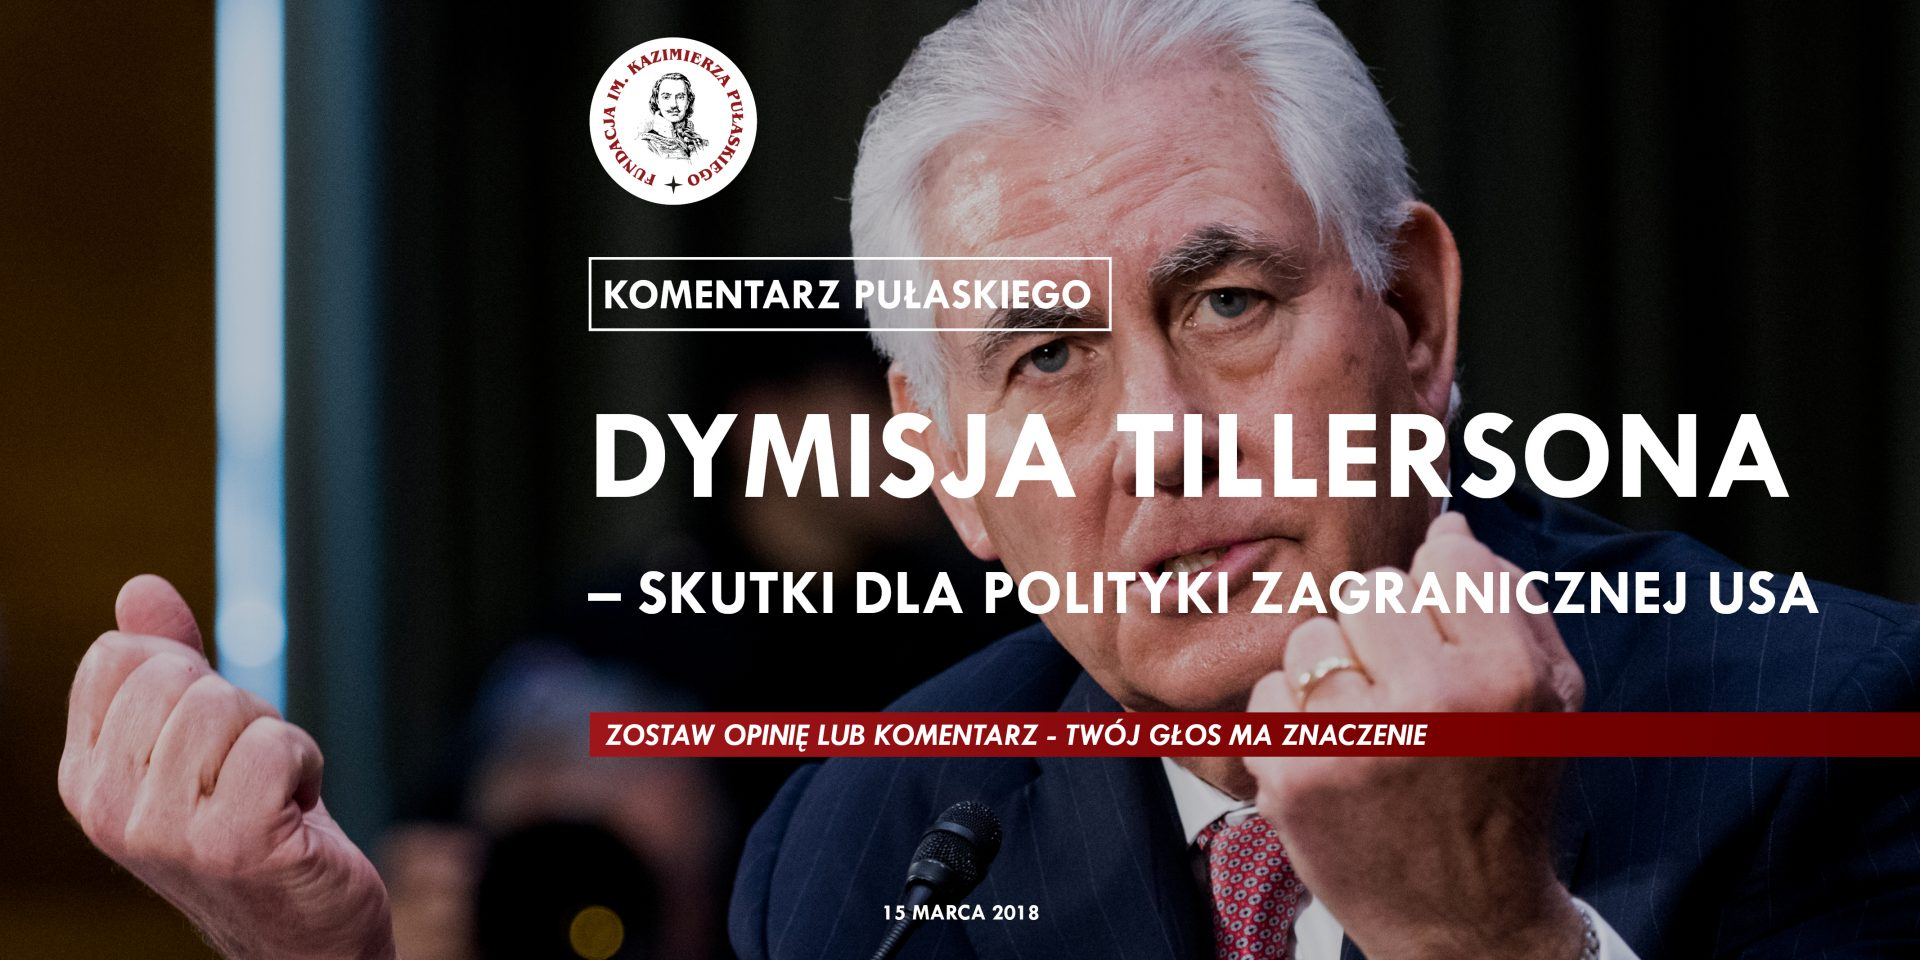 KOMENTARZ PUŁASKIEGO: Dymisja Tillersona – skutki dla polityki zagranicznej USA